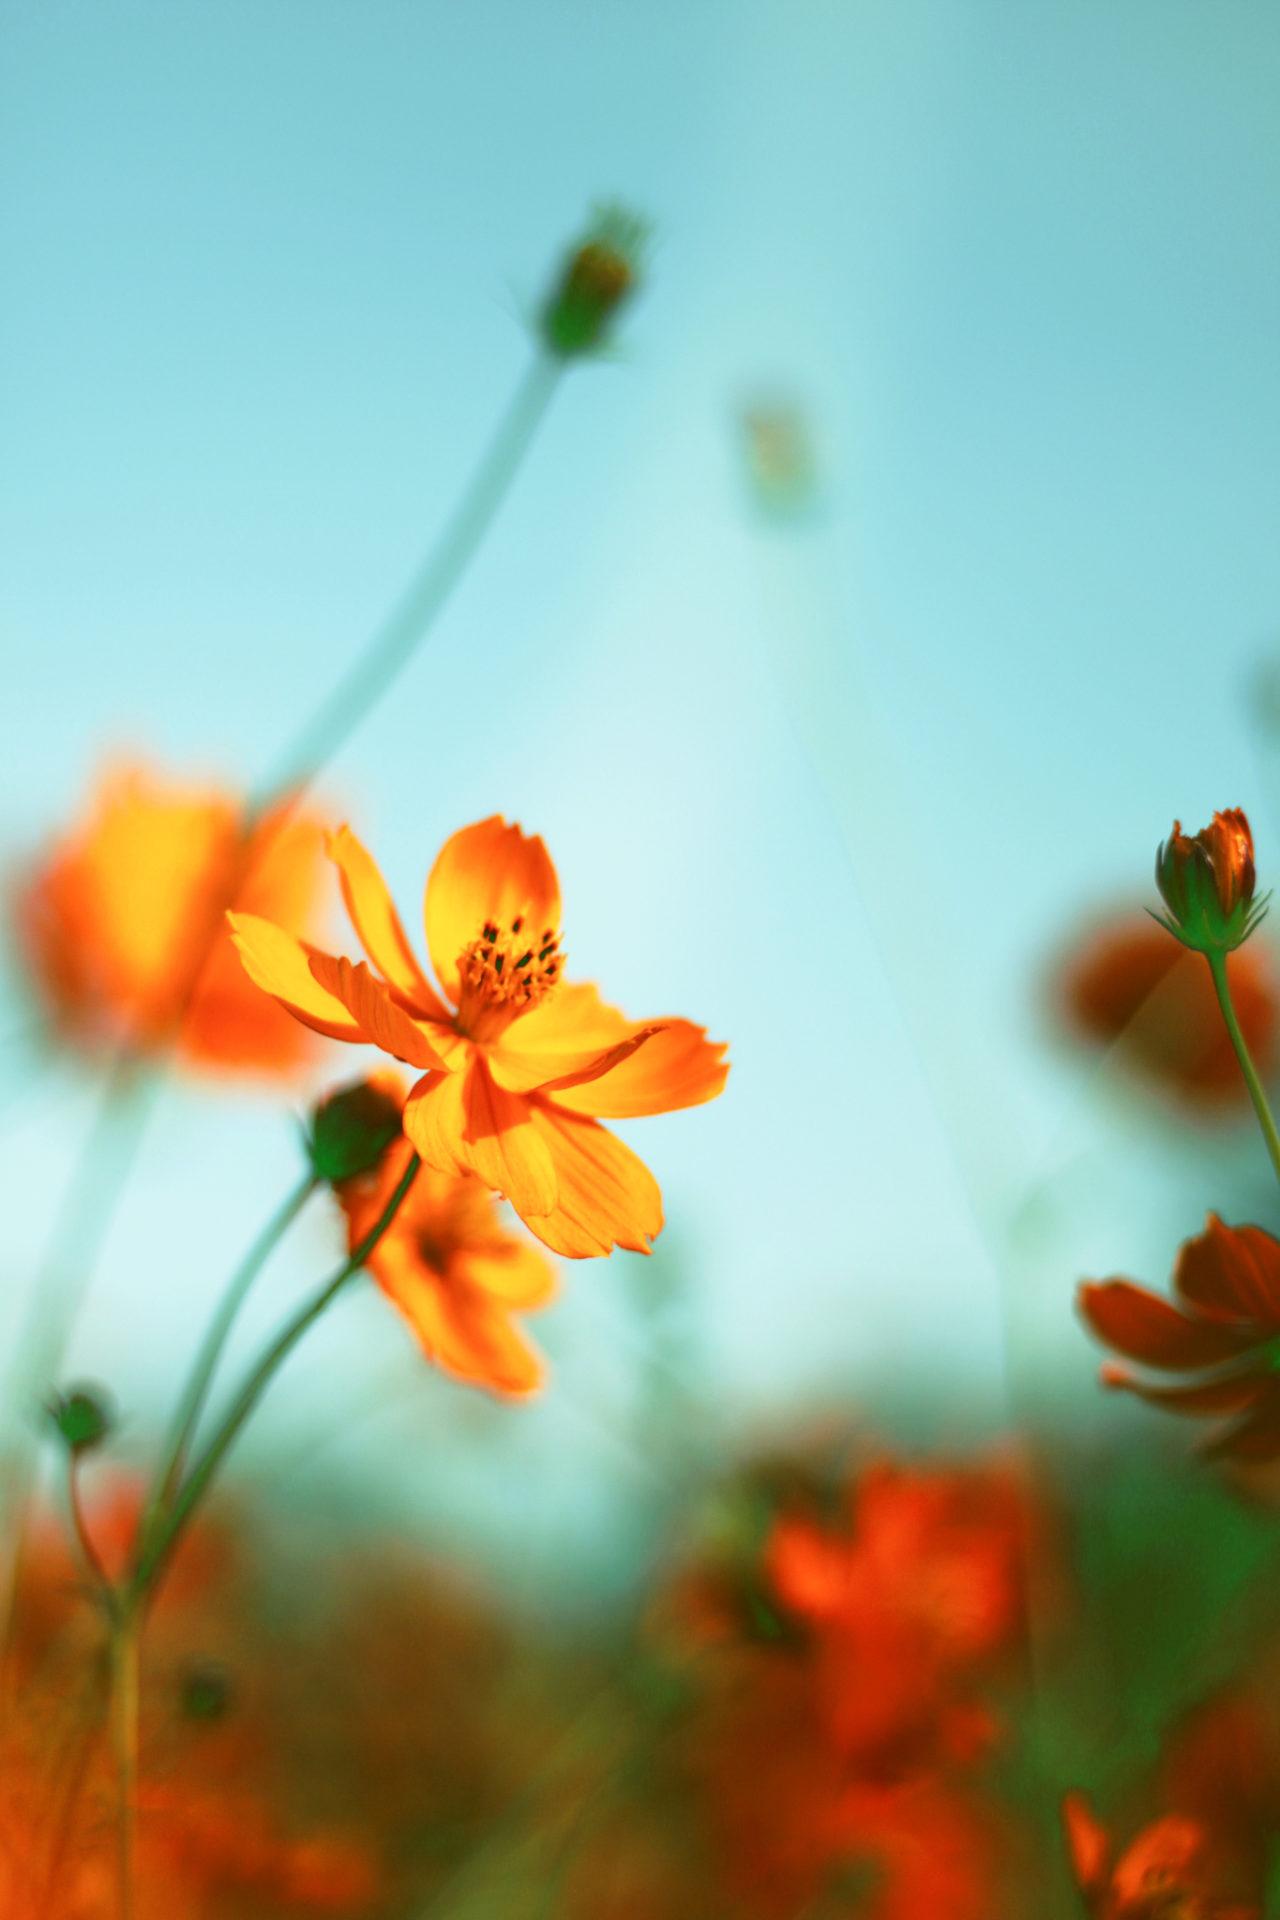 オレンジのコスモスと空